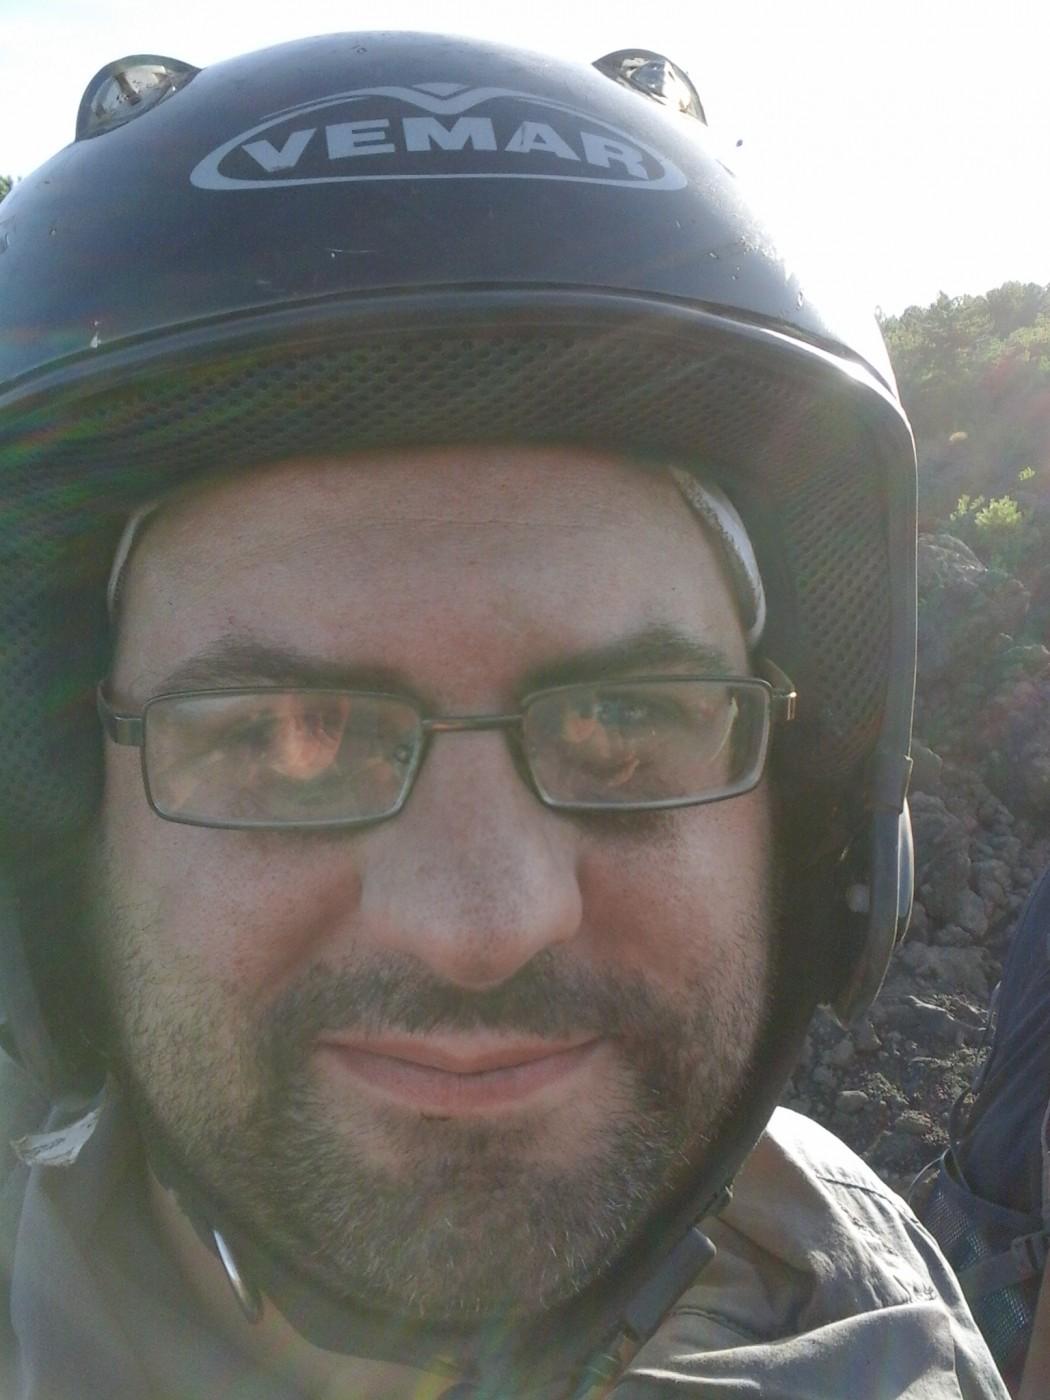 Mein Schiff Blog-Autor Torben Knye nach der Quad-Tour am Ätna